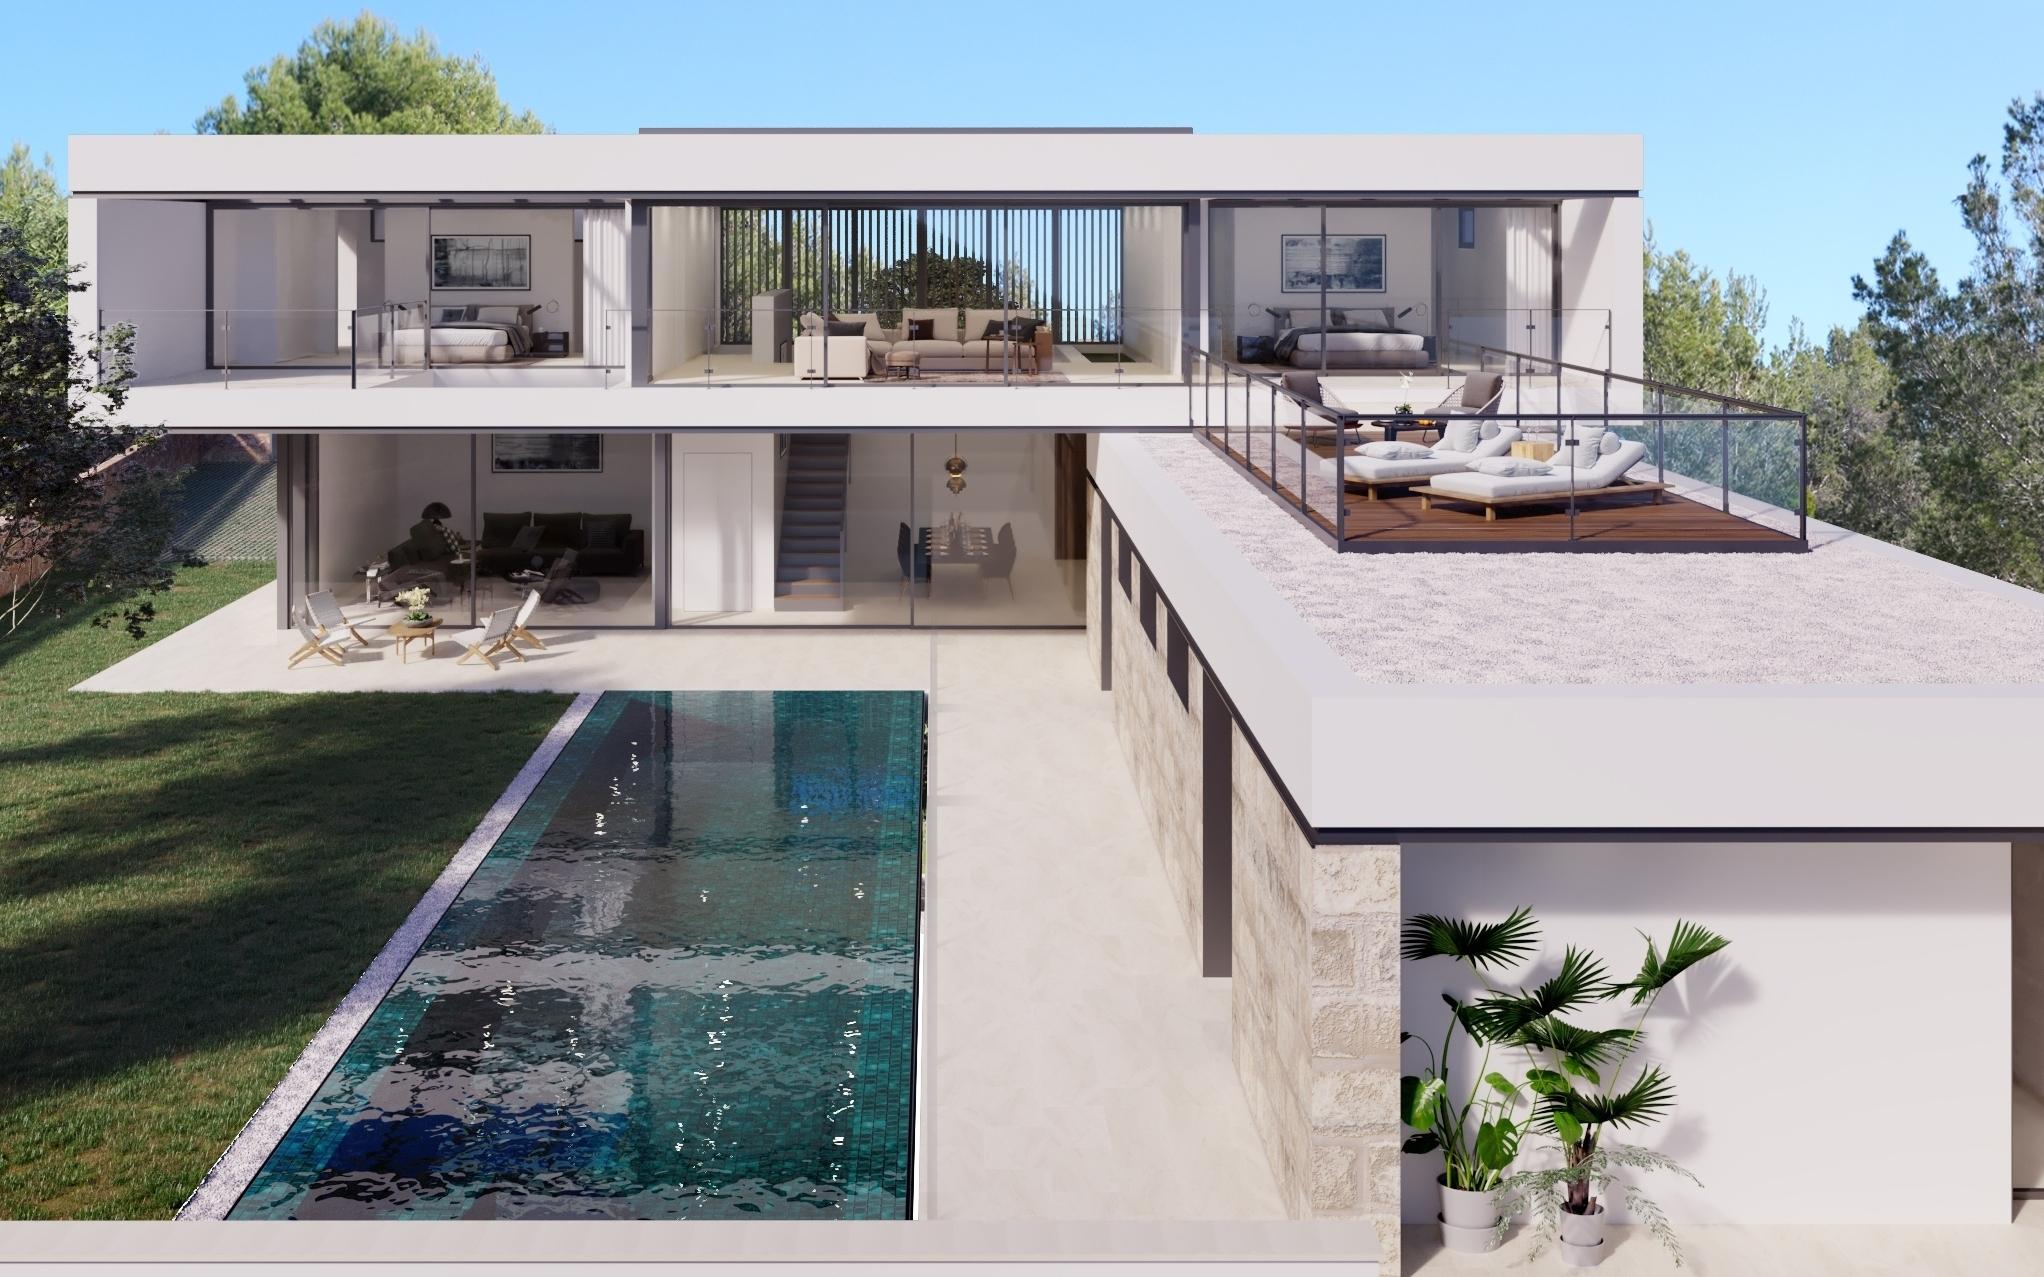 Vivienda Arquitectos Calvia Mallorca